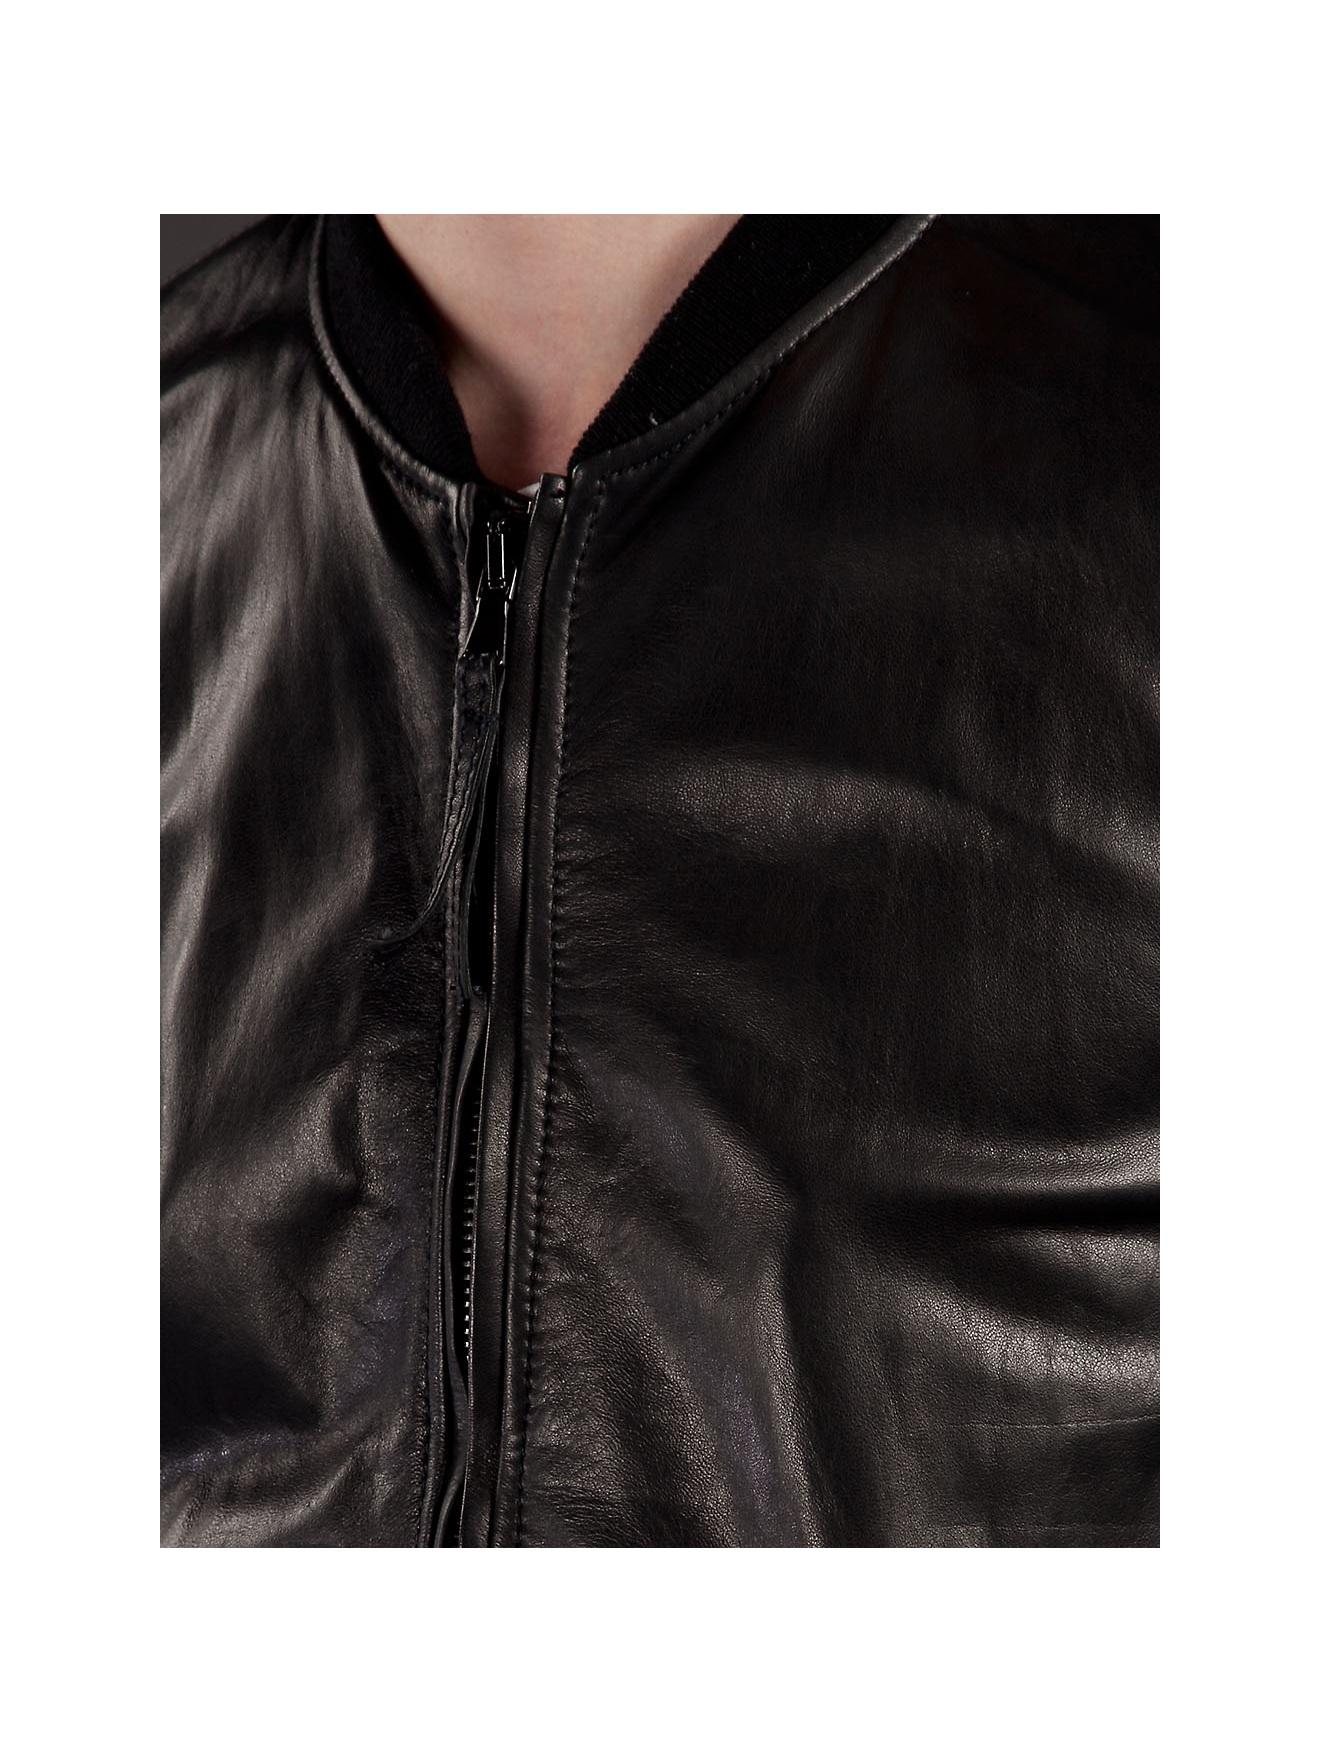 Lot78 Luke Crust Leather Jacket in Black for Men